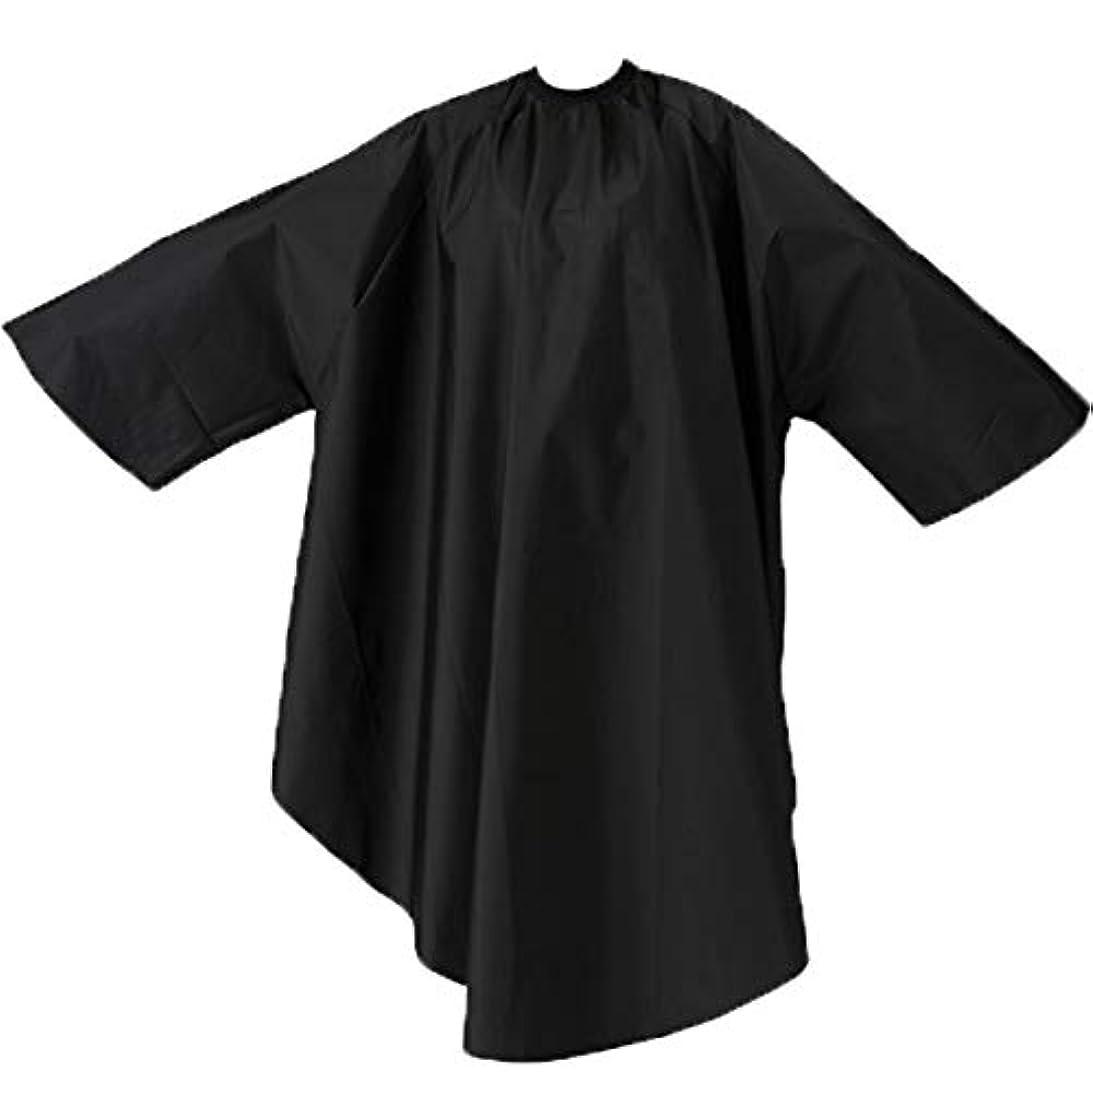 損なう収穫アルバムエルコ 9762 ザ?クロス SKITT II 袖付 ヘアダイ&カットクロス ナイロン100% ヘアカラー/散髪ケープ/カットクロス/刈布 ELCO (首回り52cm, ブラック)